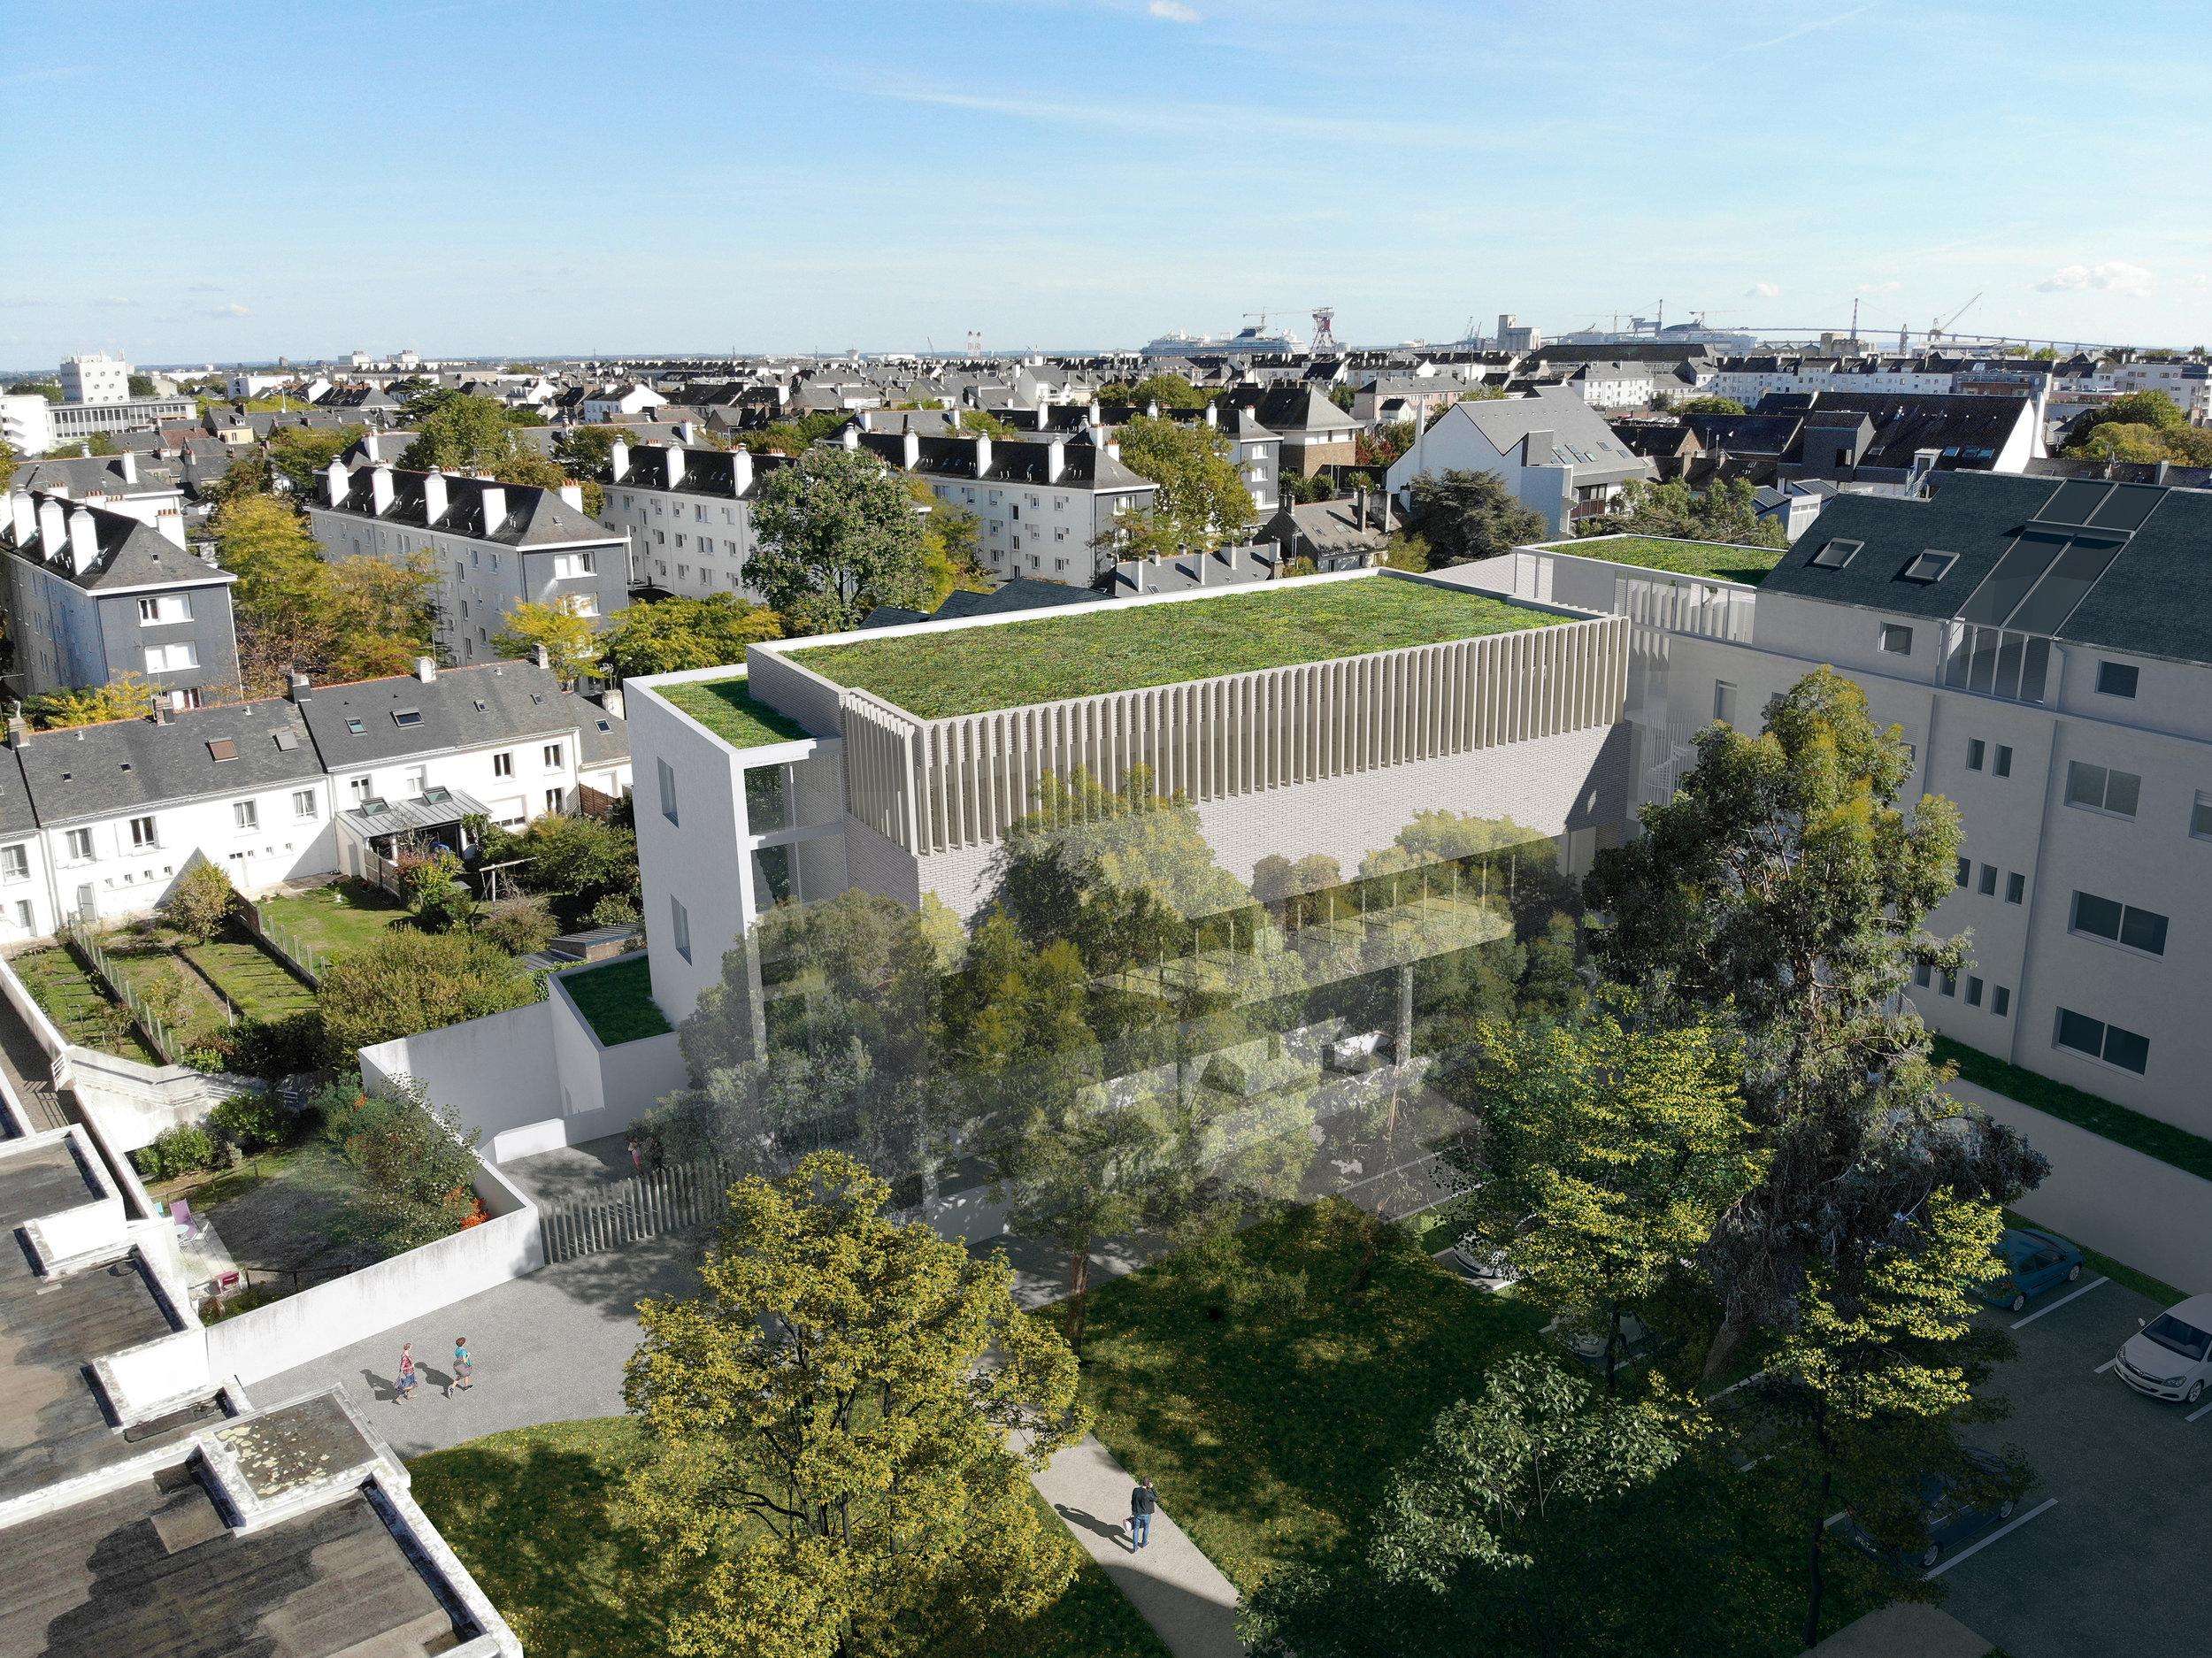 saint_nazaire_conservatory_public_outdoor_design_christophe_gautrand_landscape_4.jpg